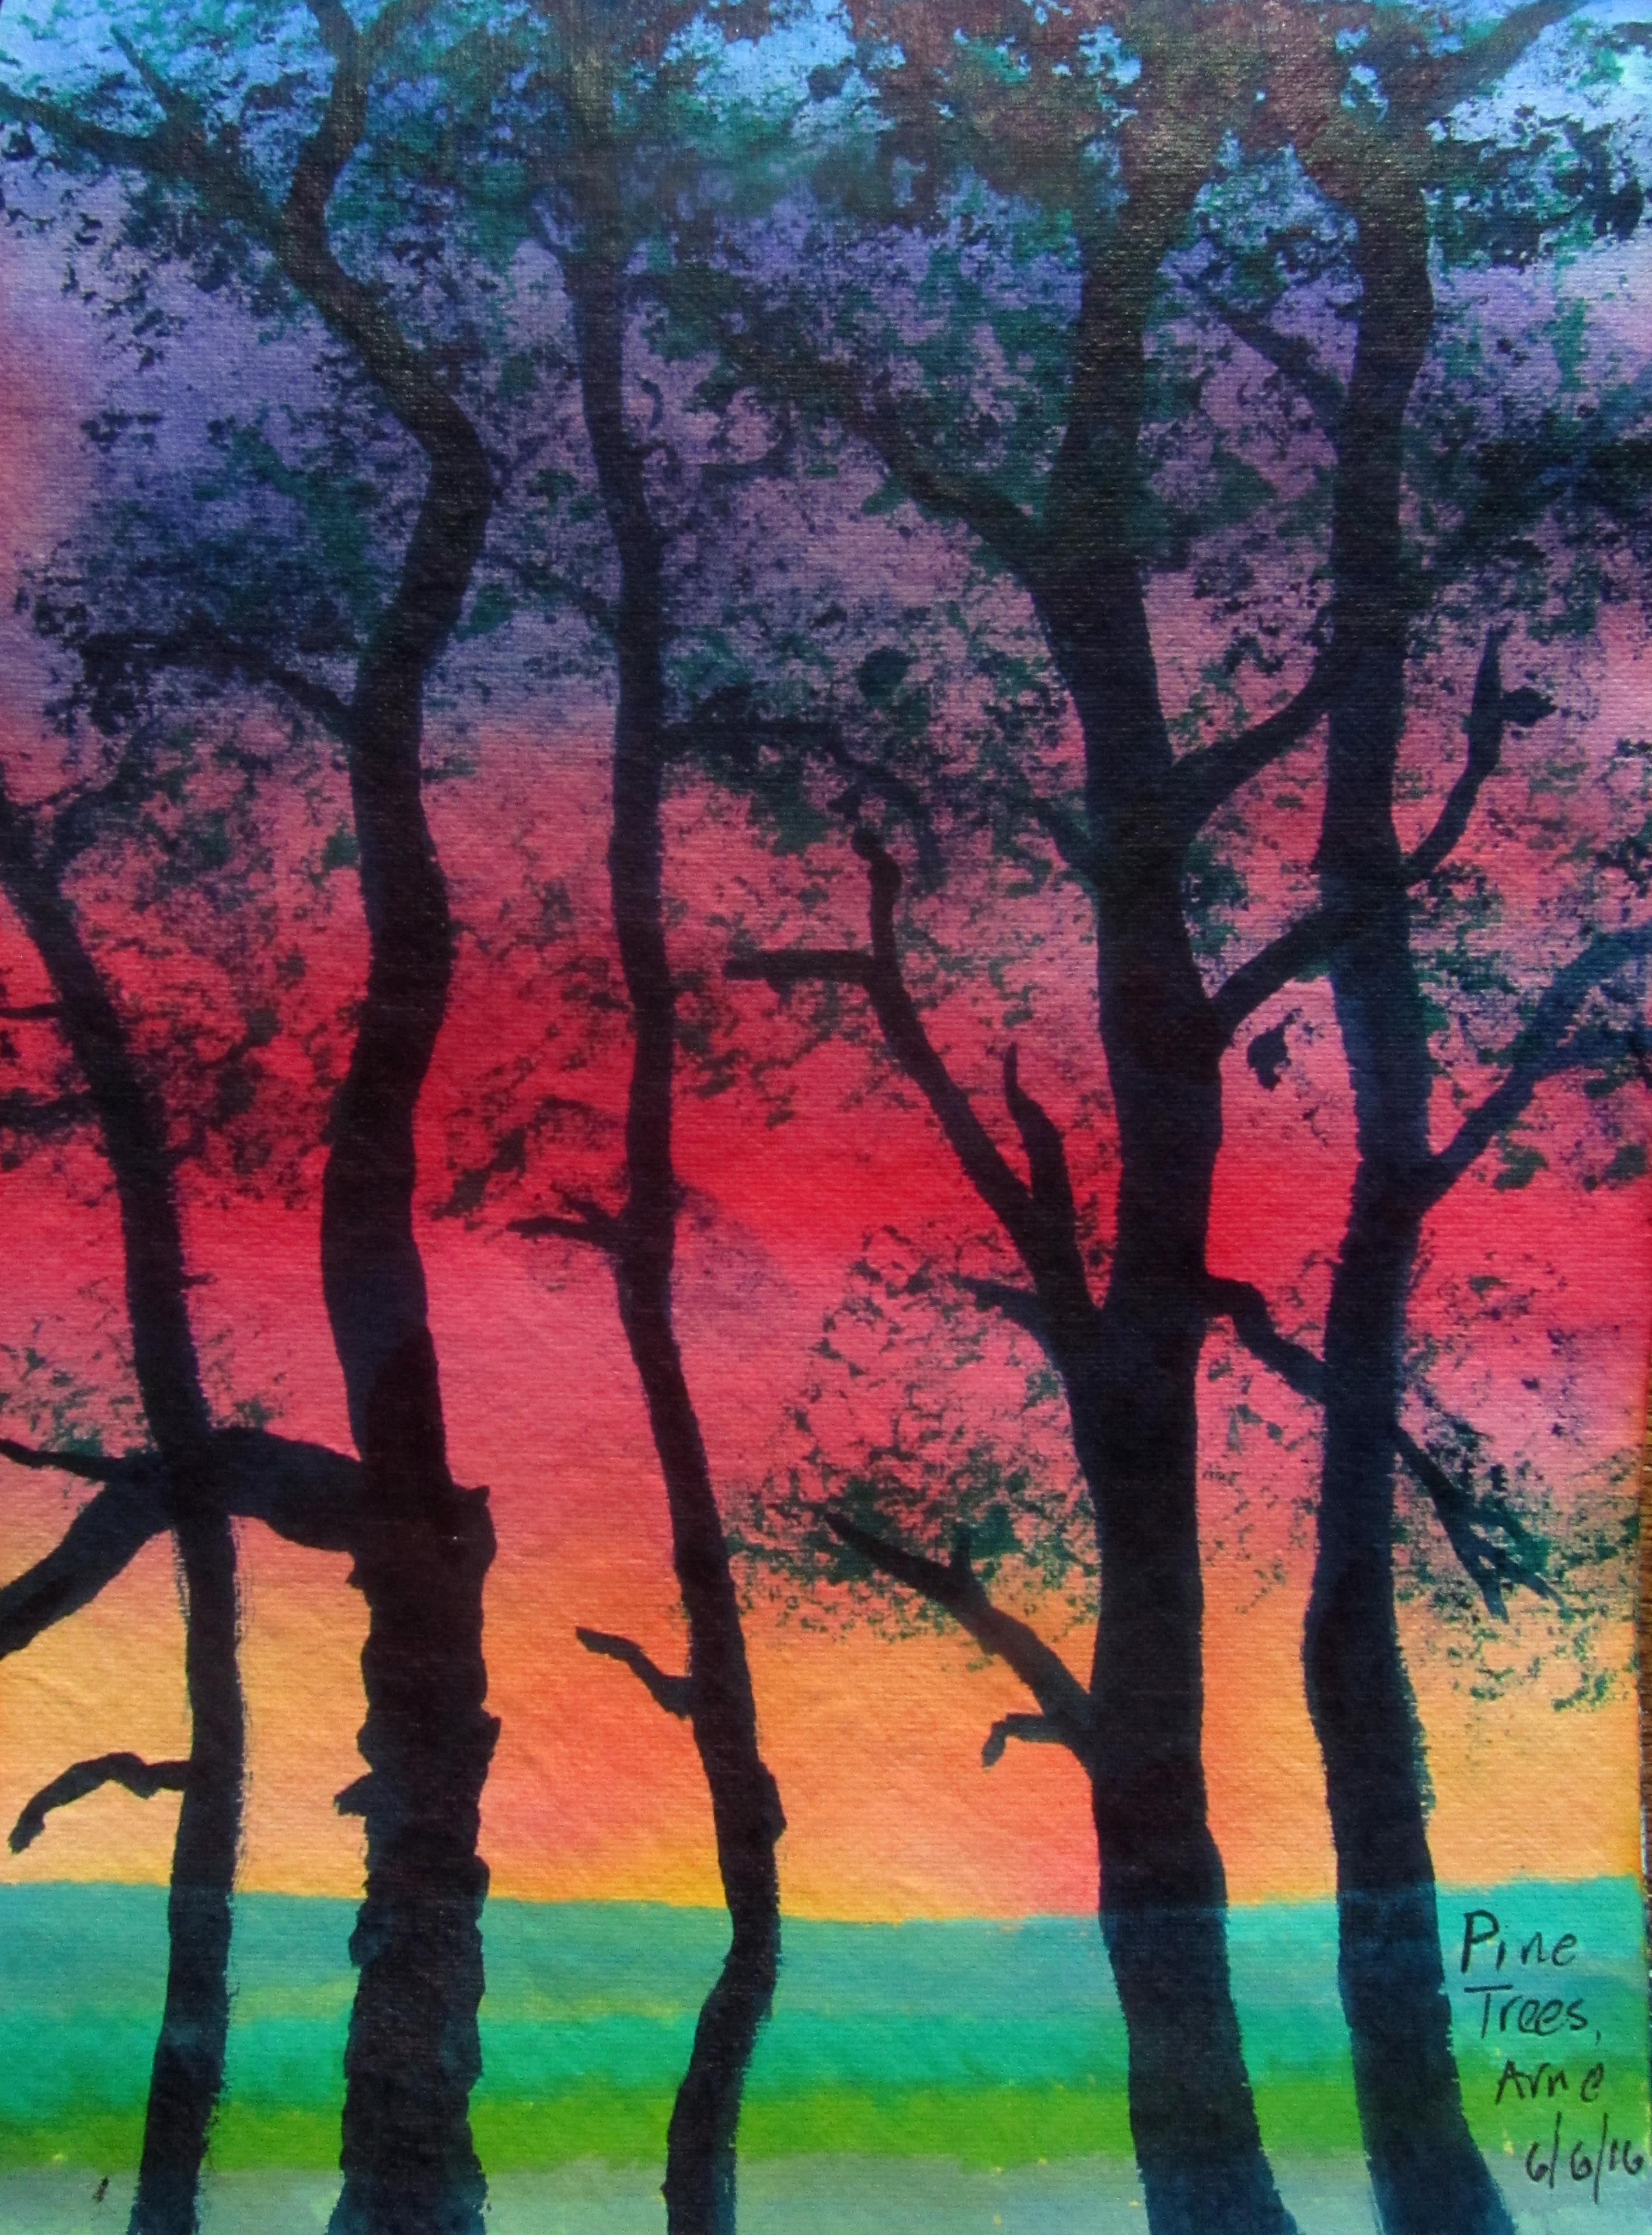 Arne fir trees